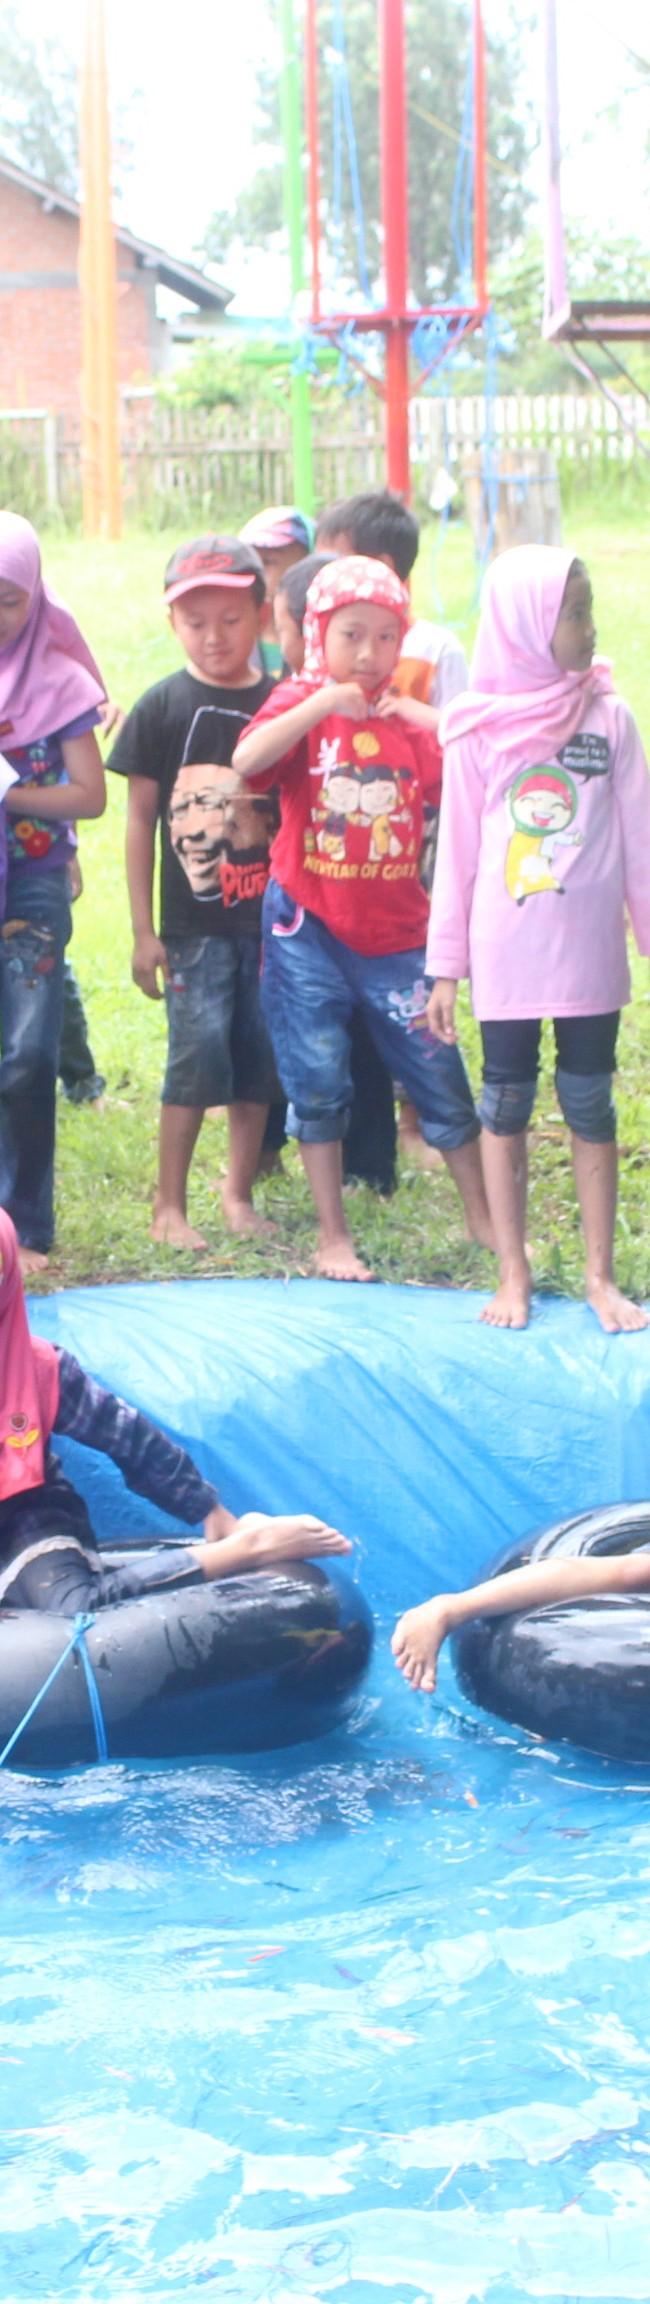 Outbound SD Islam Baitul Makmur, Sawojajar – Malang, di DSA.